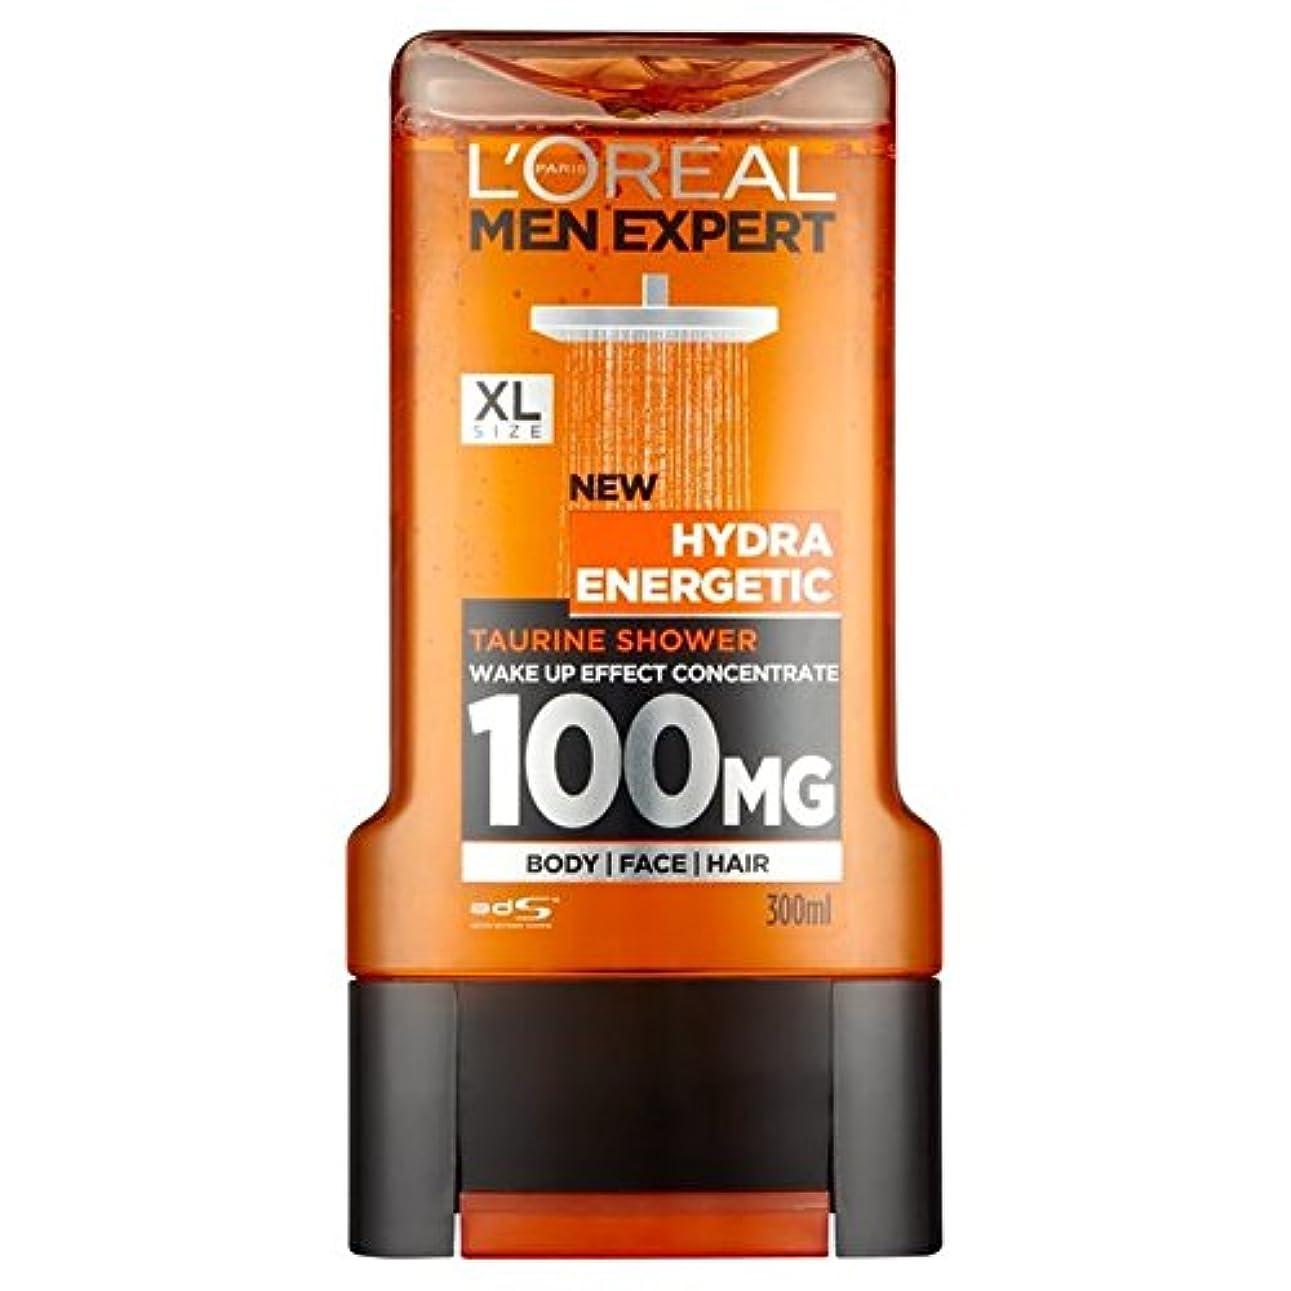 適応祈り釈義L'Oreal Paris Men Expert Hydra Energetic Shower Gel 300ml - ロレアルパリのメンズ専門家ヒドラエネルギッシュなシャワージェル300ミリリットル [並行輸入品]